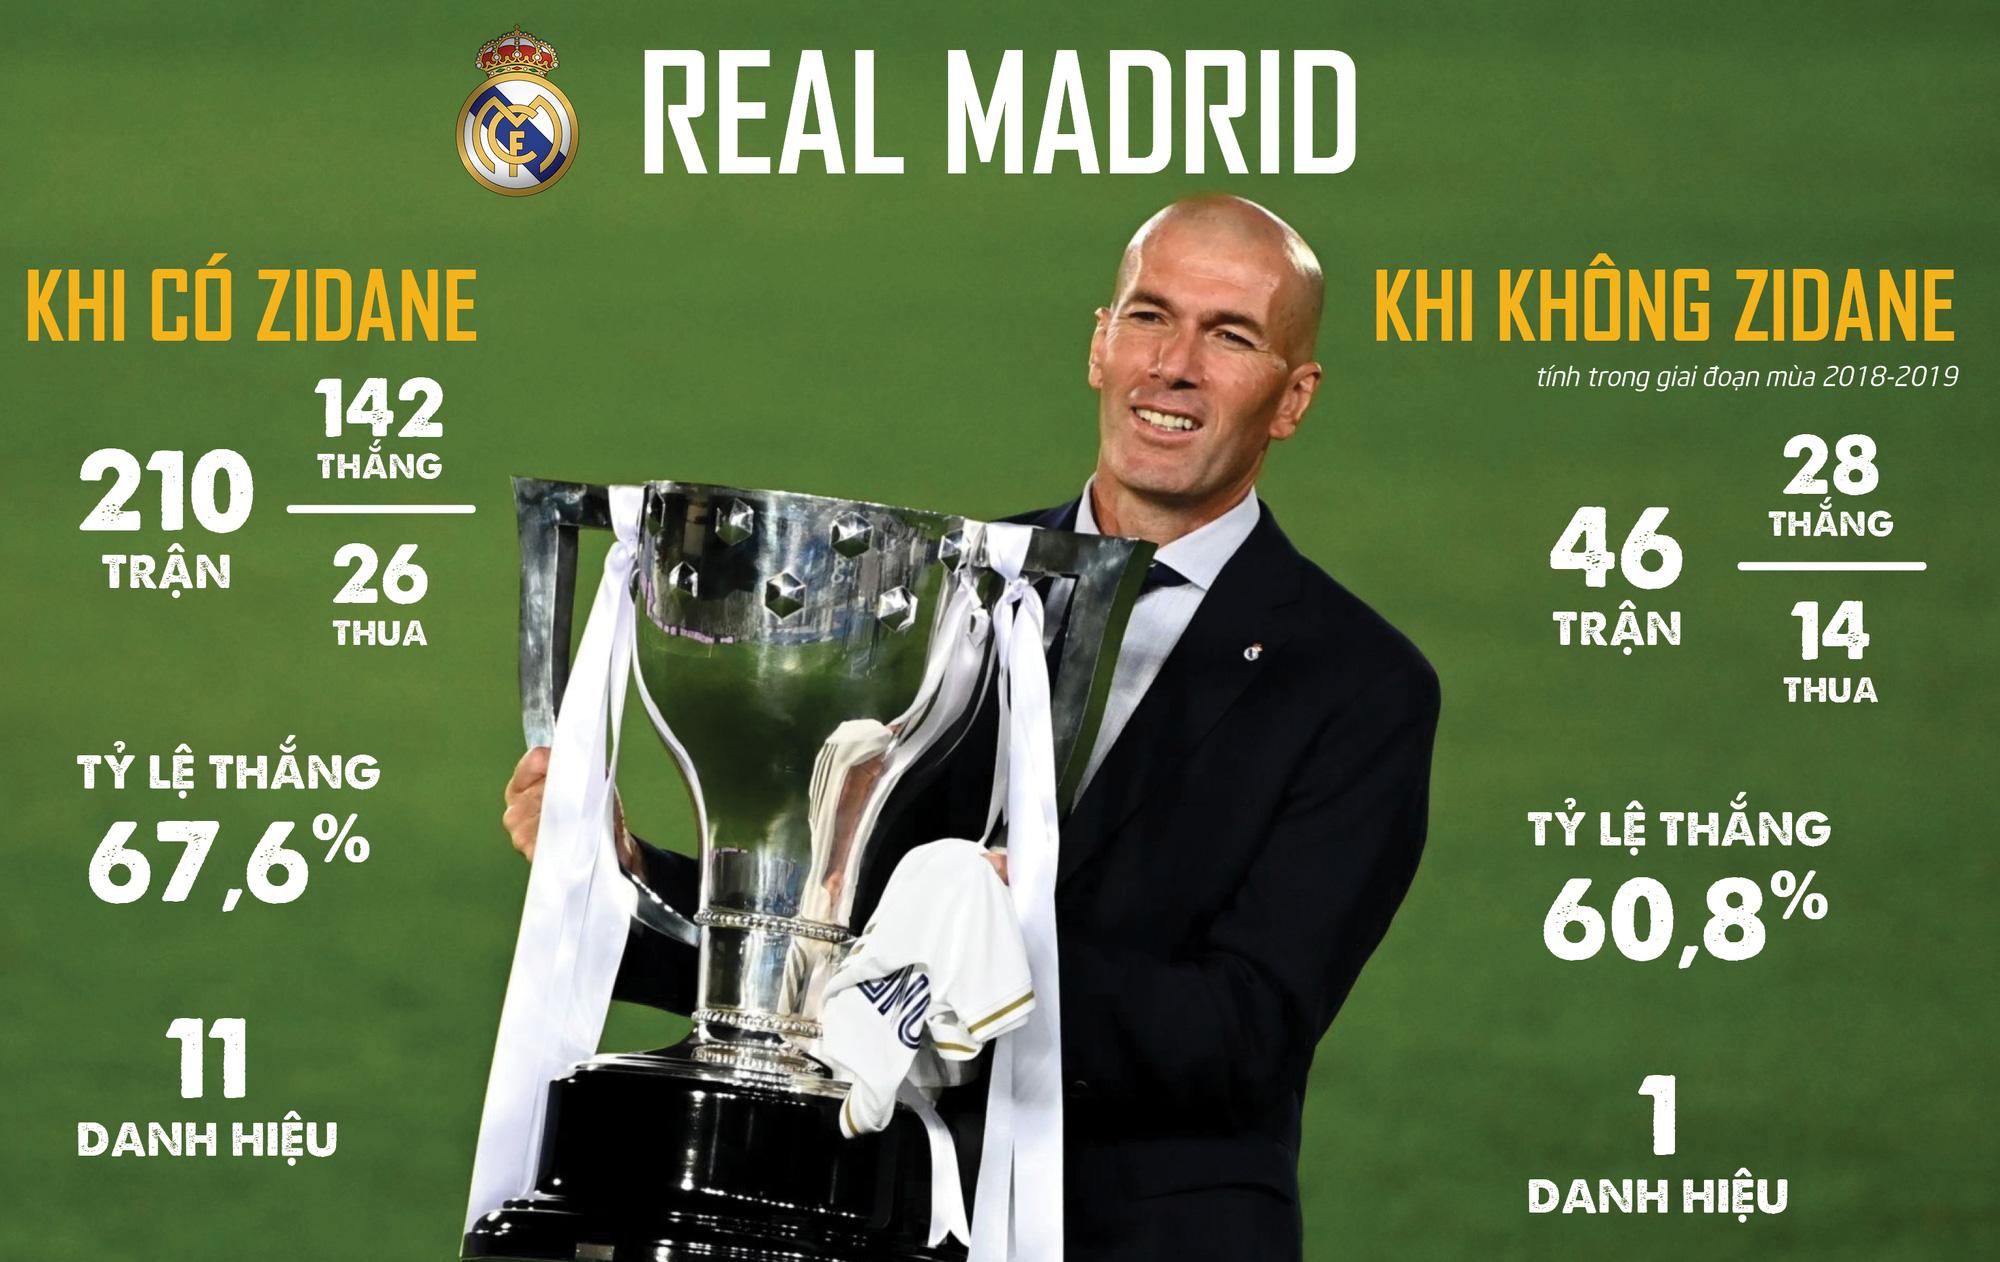 Zidane – 14 tấm thẻ đỏ, rèn nên vị thần chiến thắng - Ảnh 9.